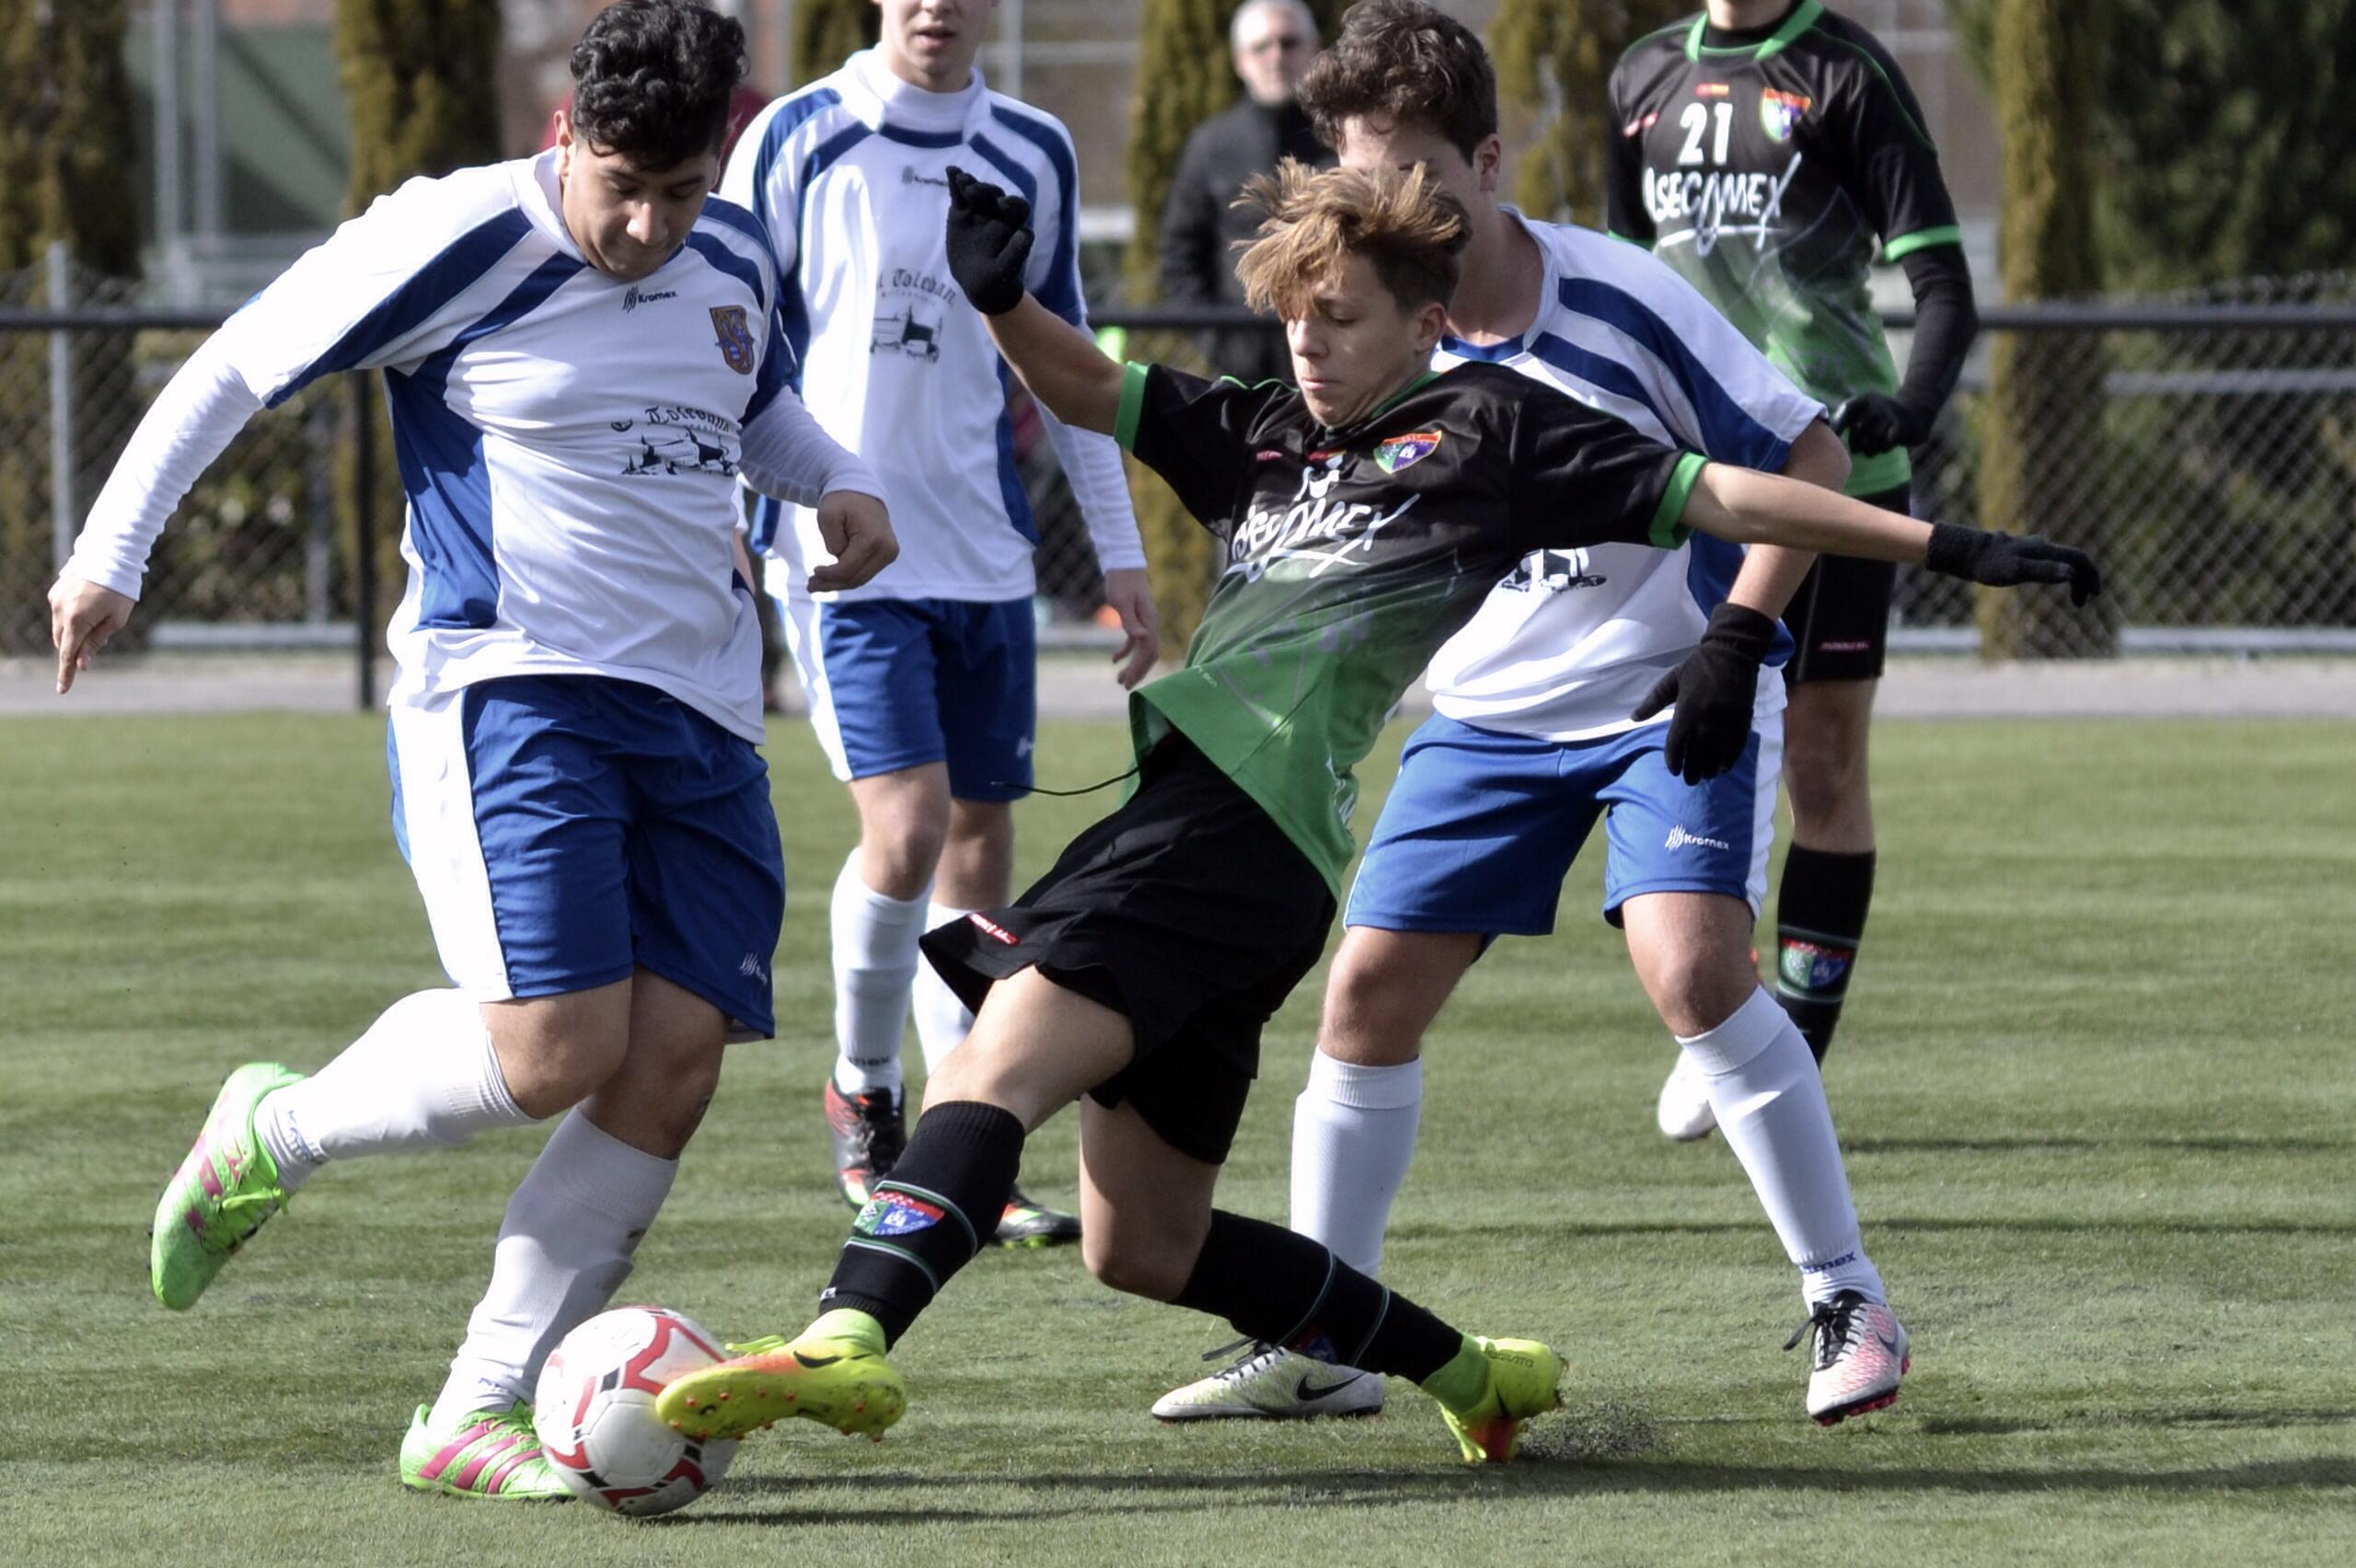 Crónica y fotos del partido CD Sporting Valdebernardo A 2-1 Juvenil D